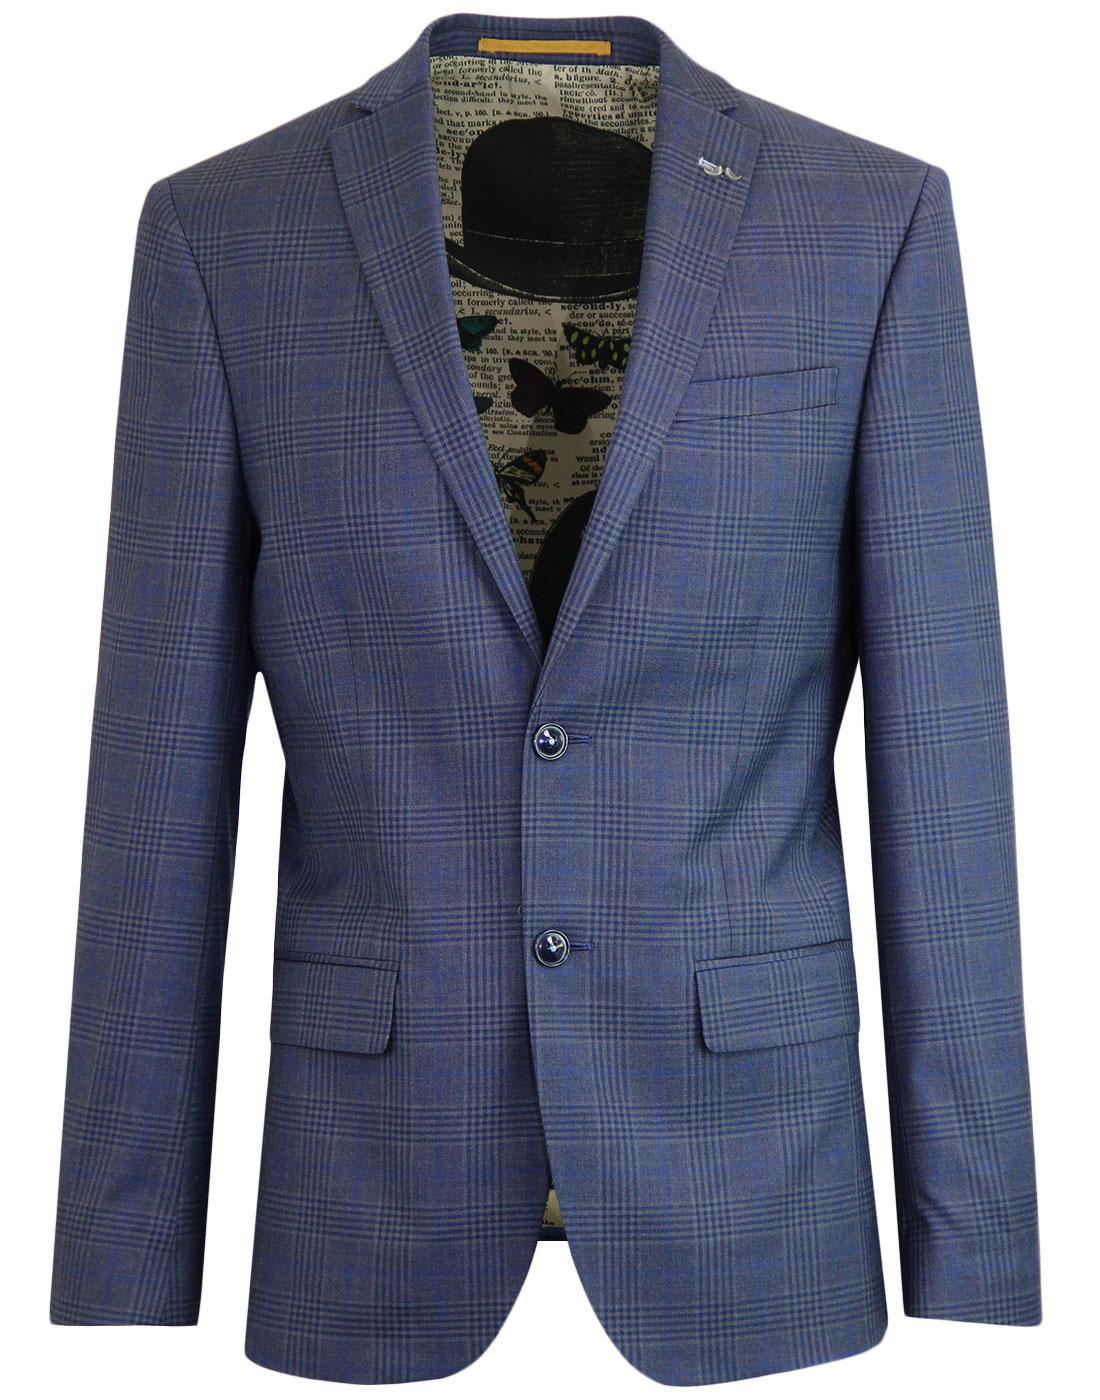 ANTIQUE ROGUE Retro Mod Check Blazer Jacket BLUE